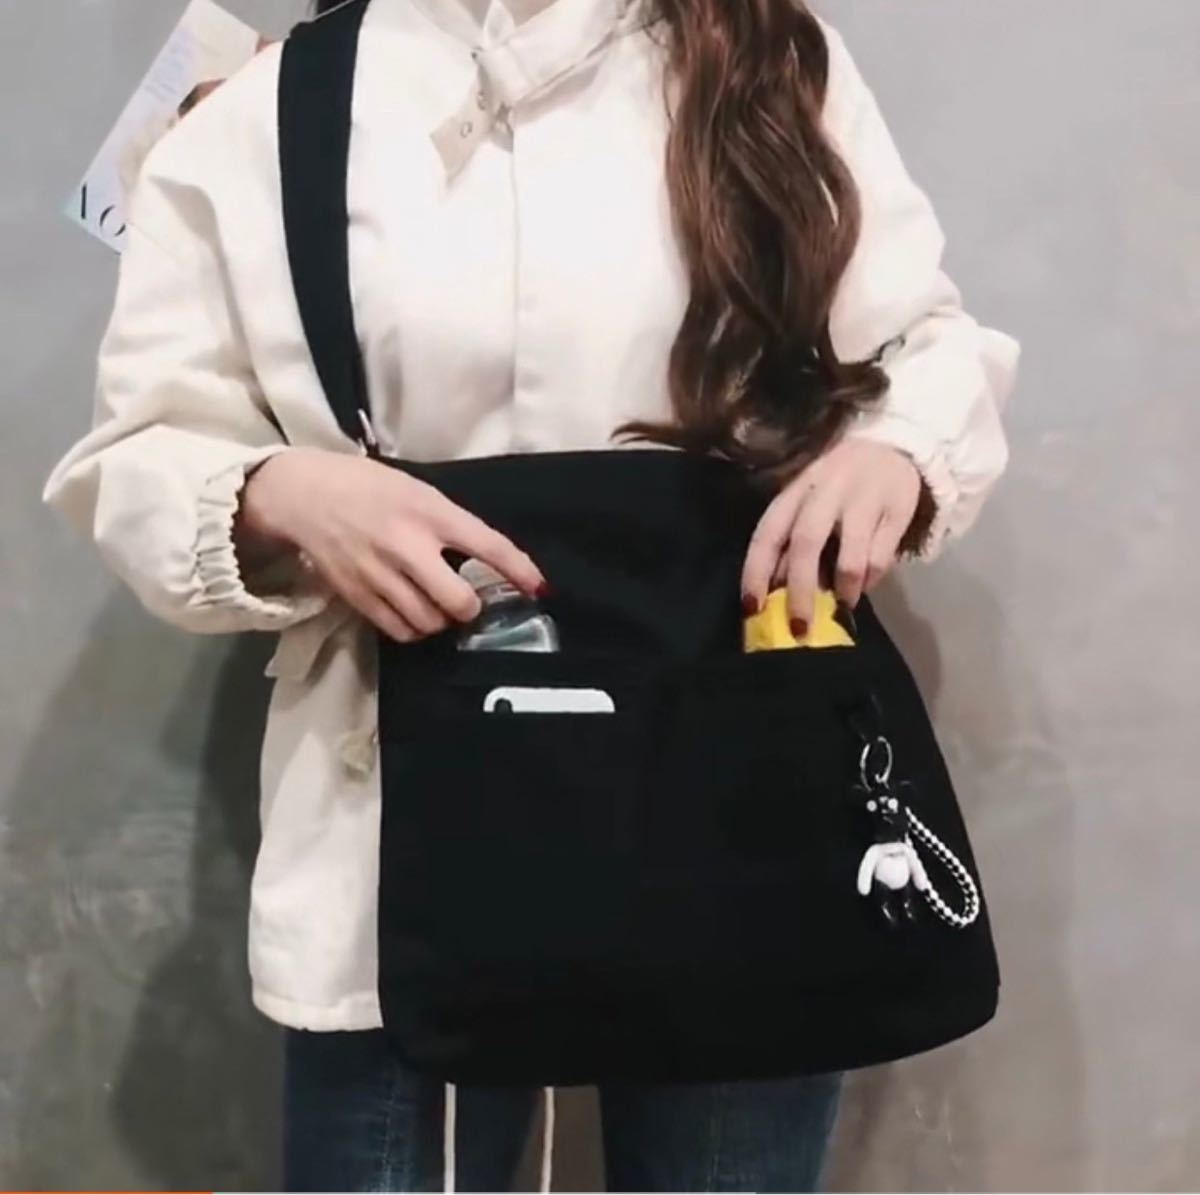 新品 韓国 レディース メンズ 男女兼用 トートバッグ ショルダーバッグ マザーズバッグ 通勤 通学 学生 春 冬 セット 黒